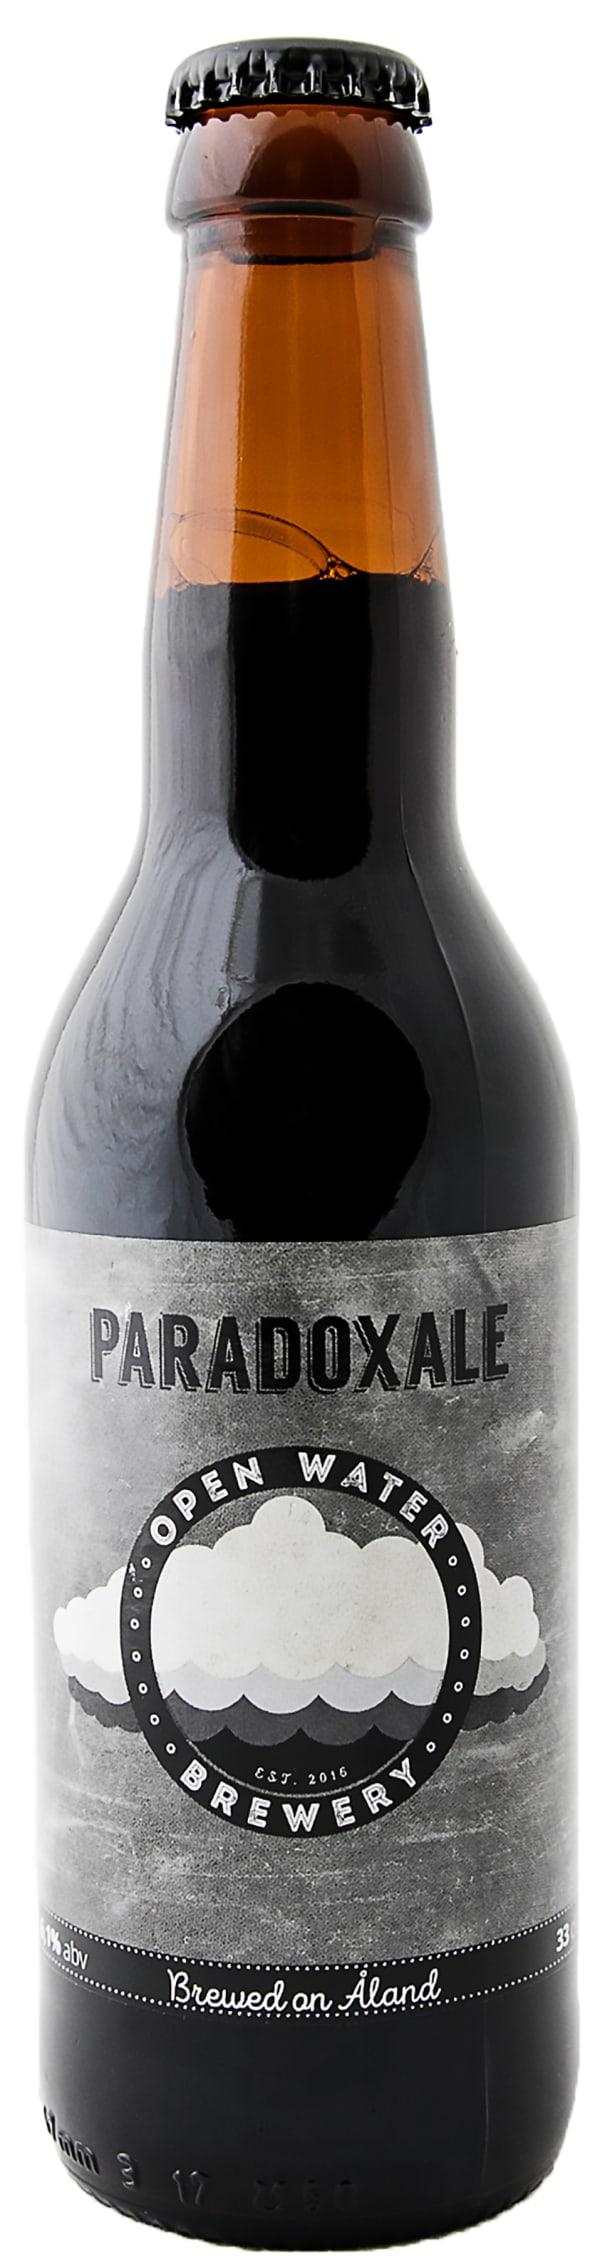 Open Water Paradoxale